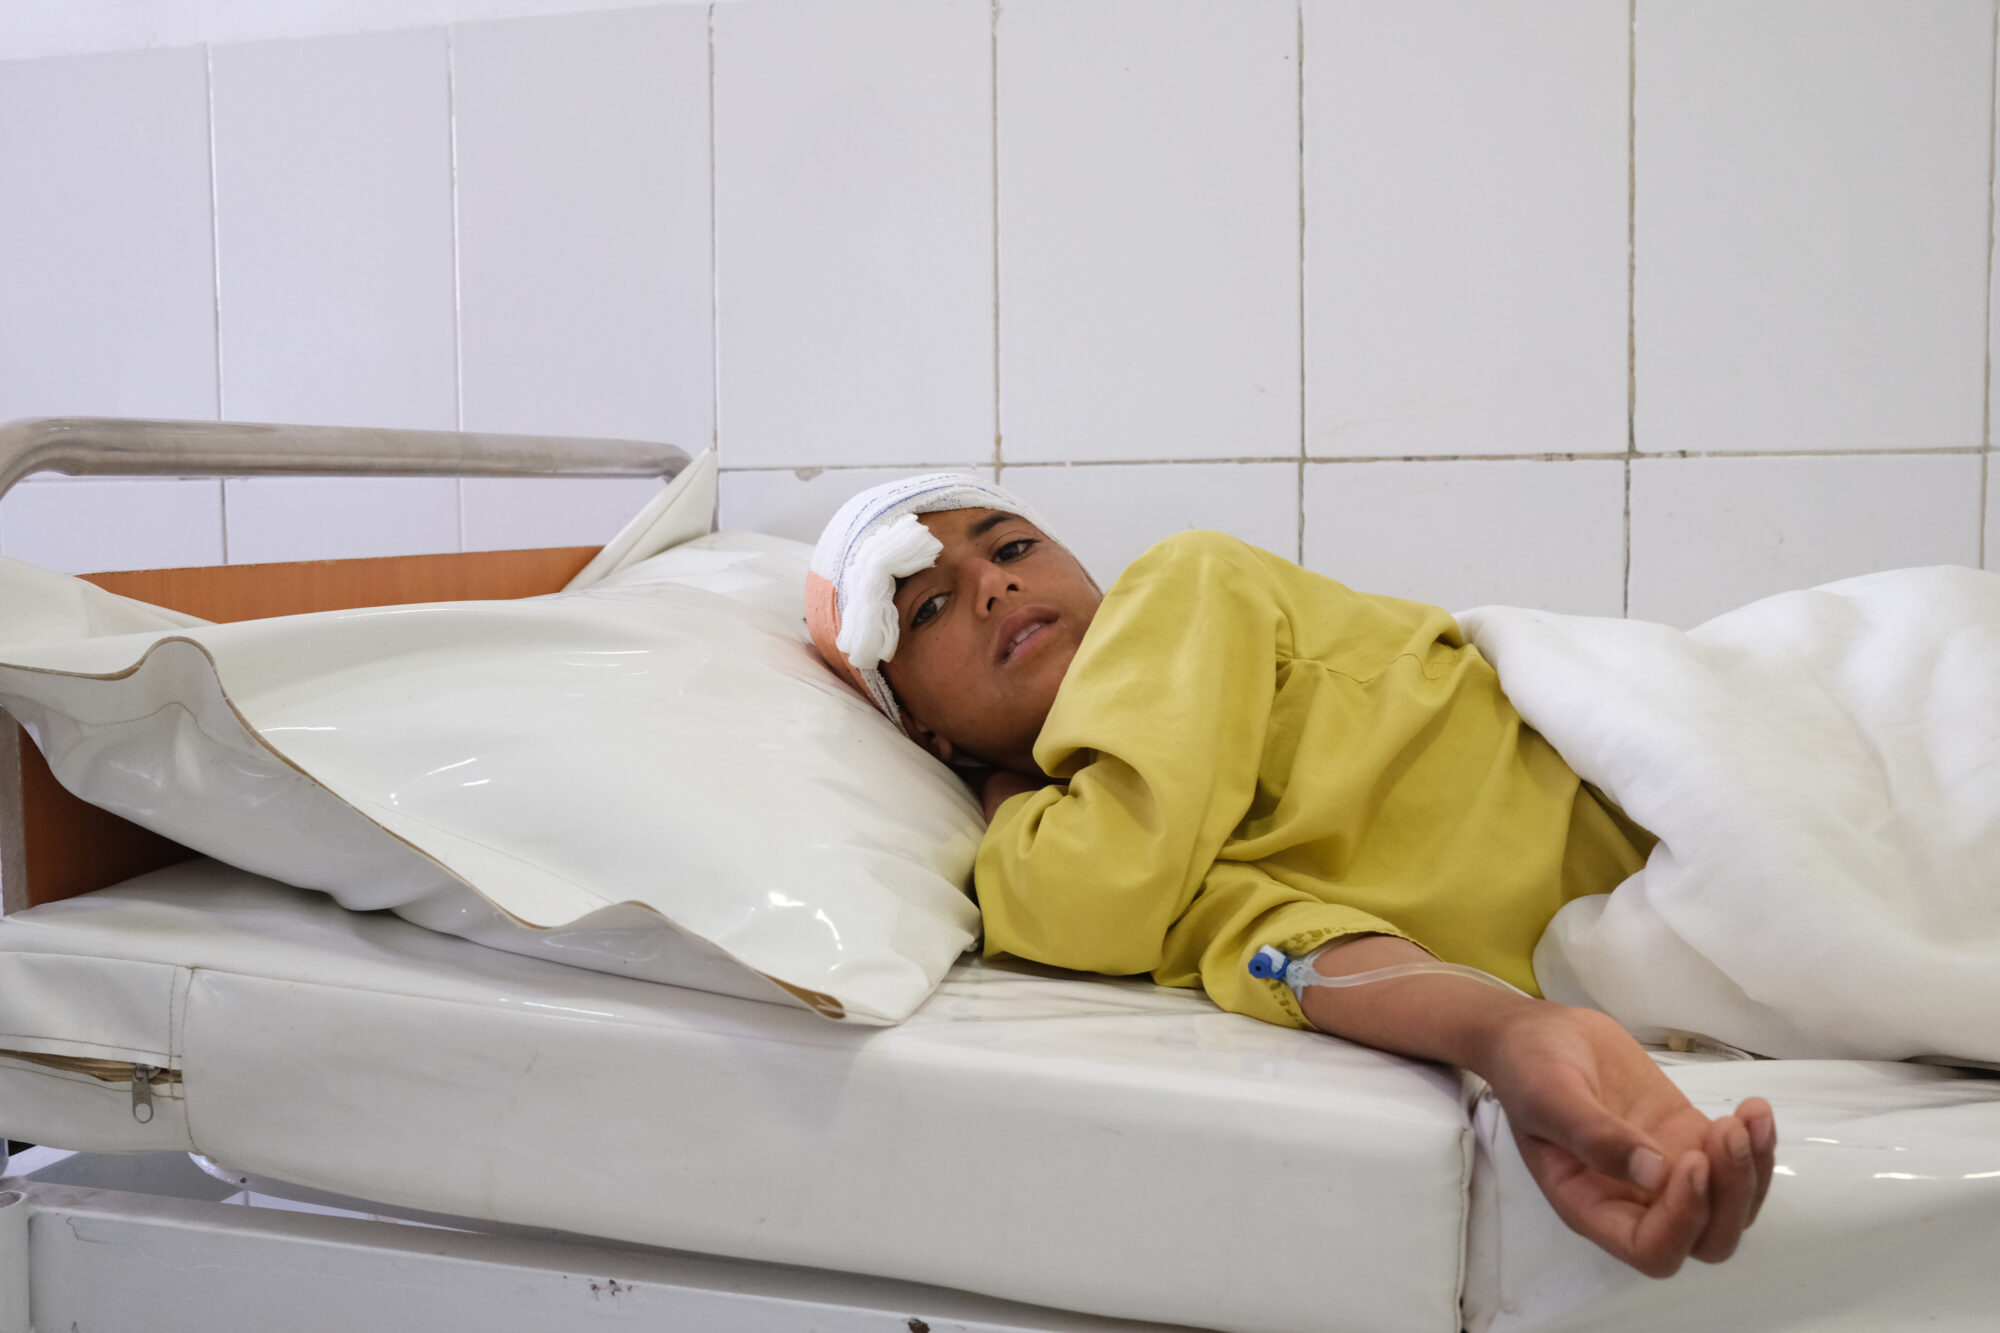 Mange såret i kampe i Afghanistan